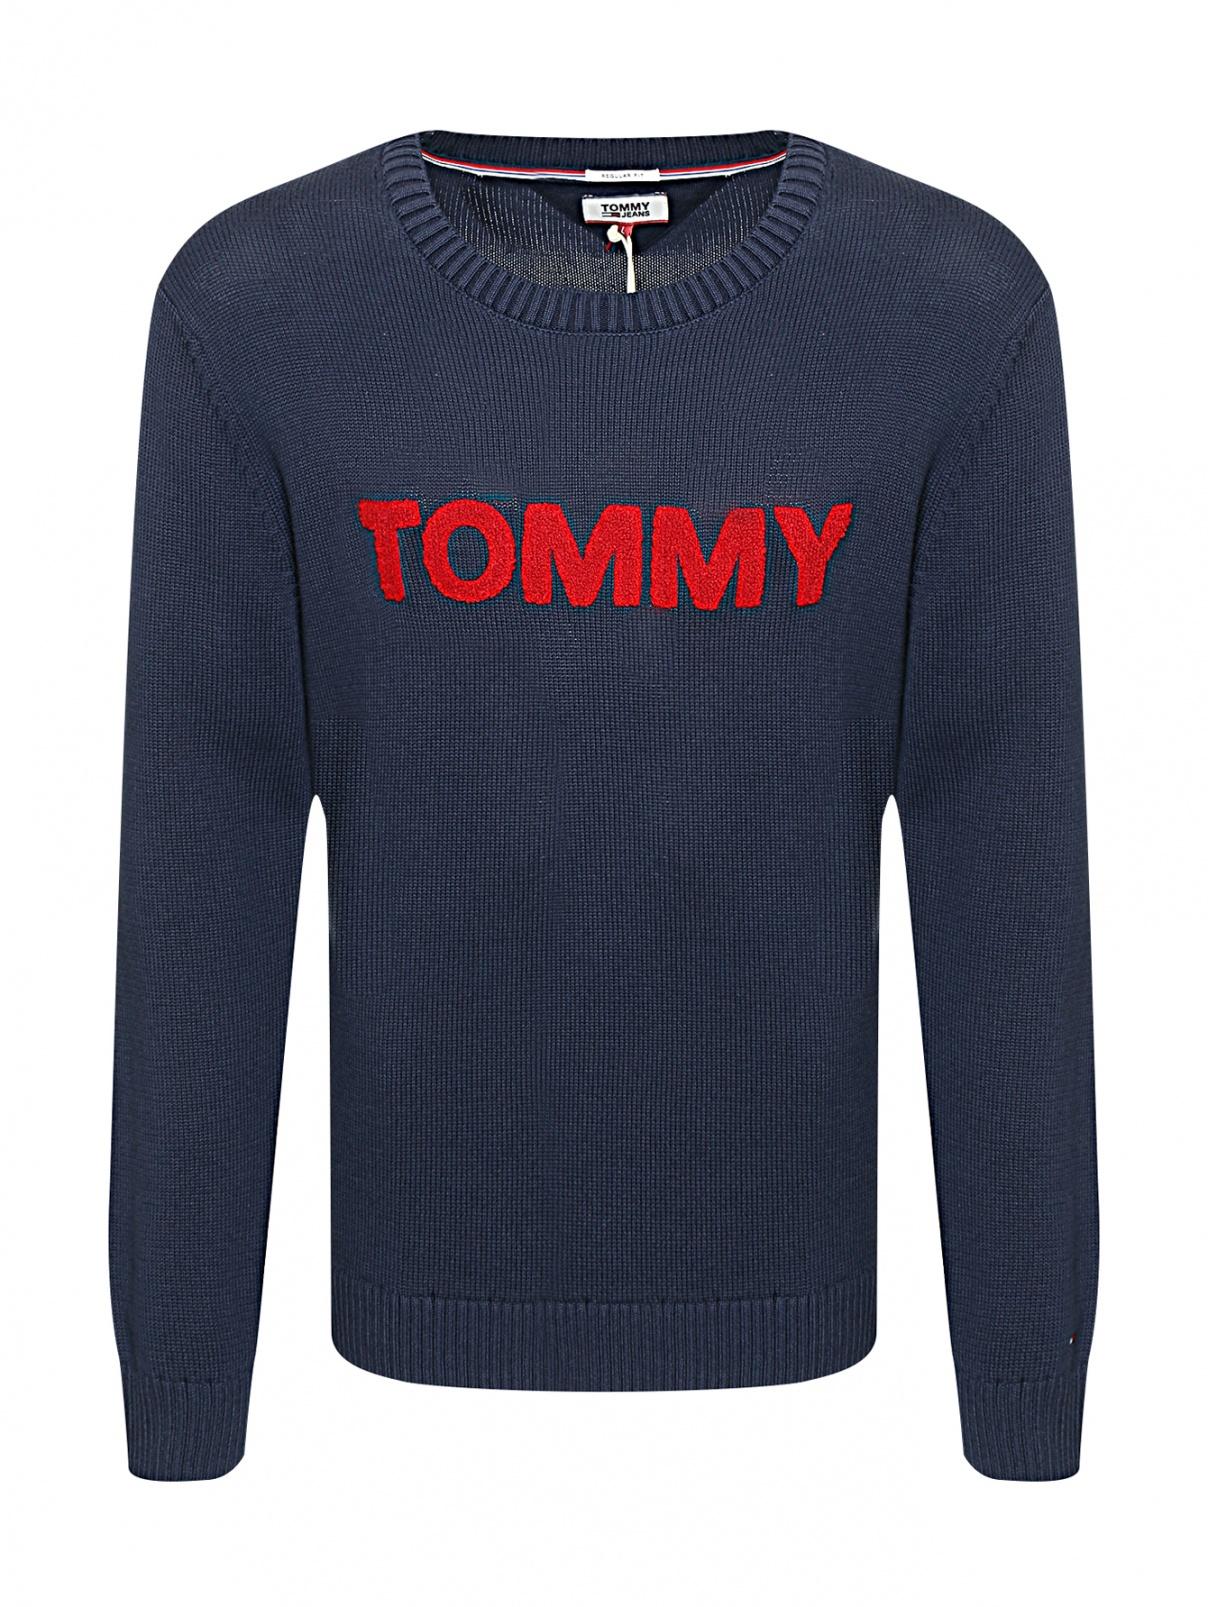 Джемпер из хлопка с аппликацией Tommy Jeans  –  Общий вид  – Цвет:  Синий